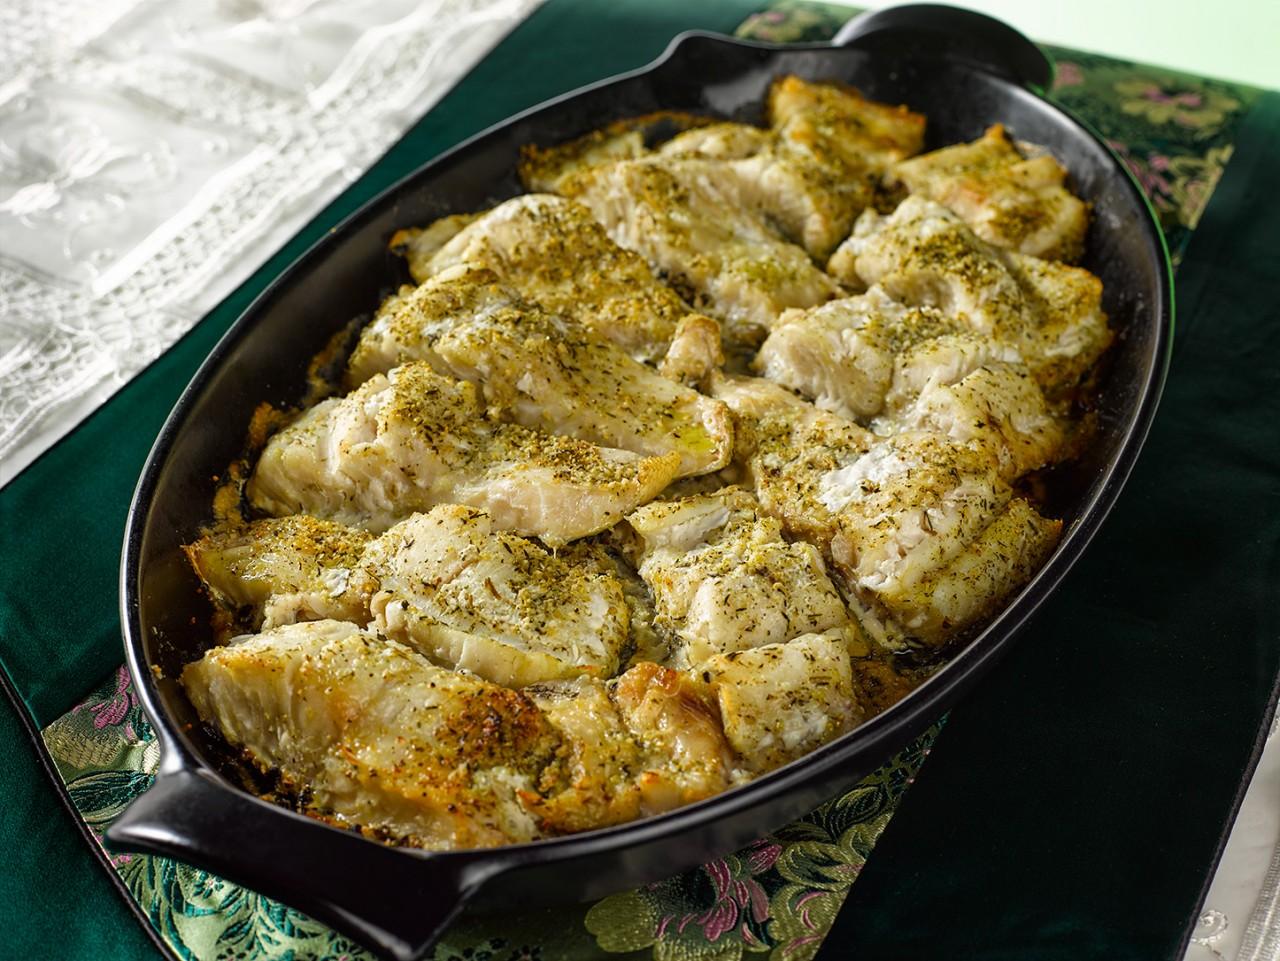 Сталик Ханкишиев делиться секретом приготовления рыбы на сковороде